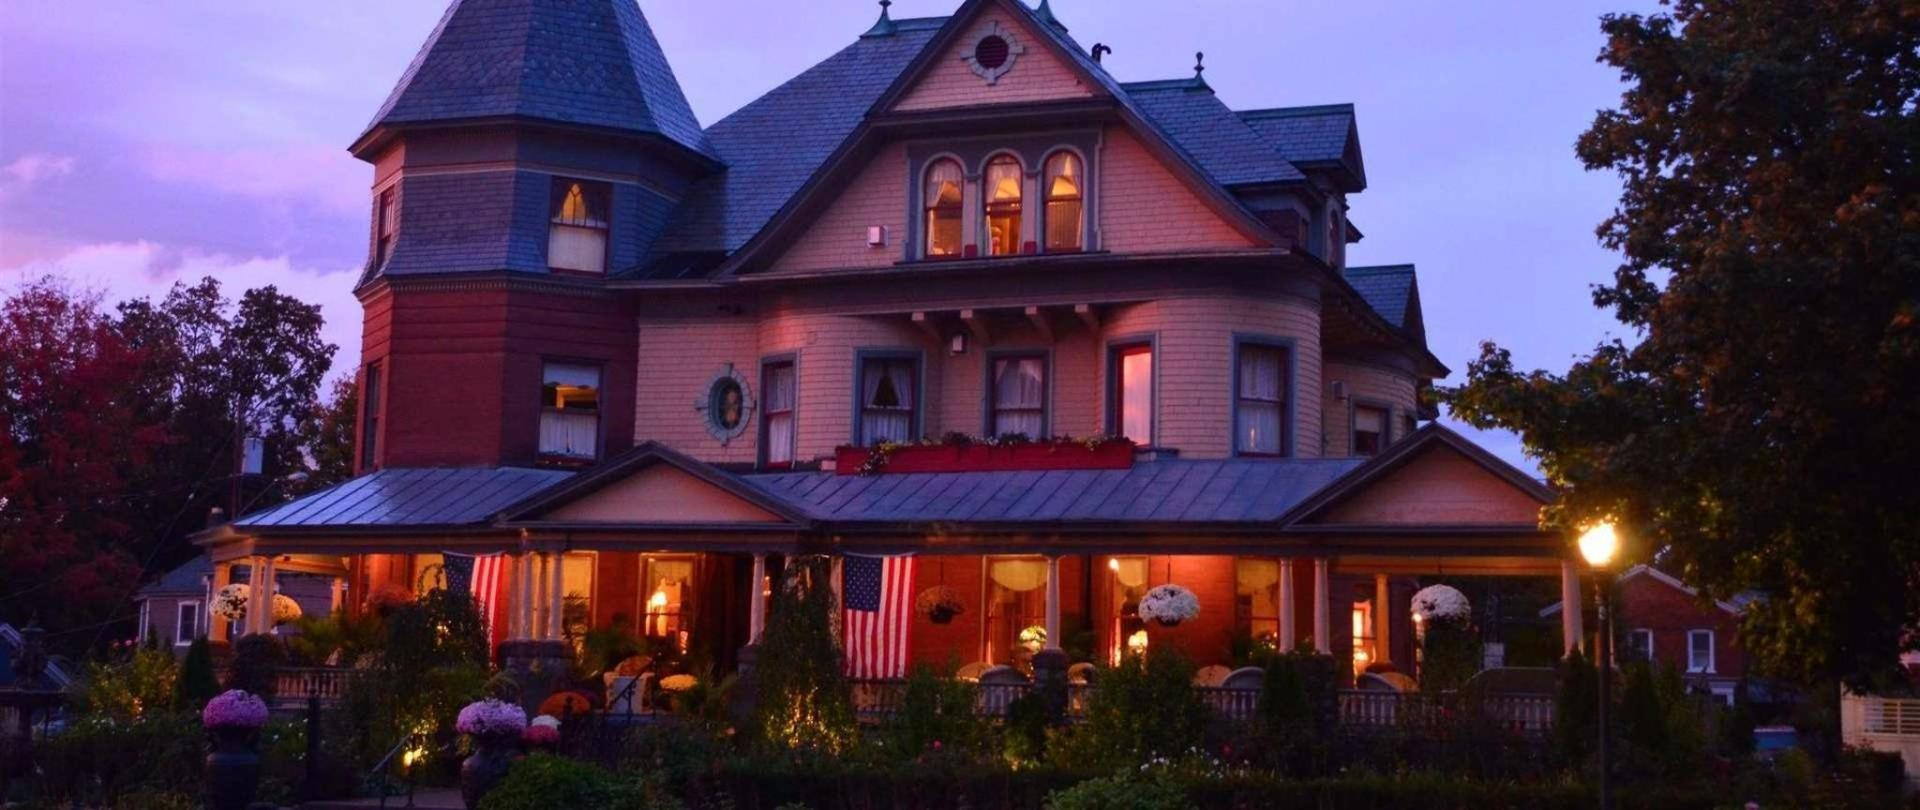 13night-mansion-1.jpg.1920x810_0_225_10000.jpeg.1920x0.jpeg